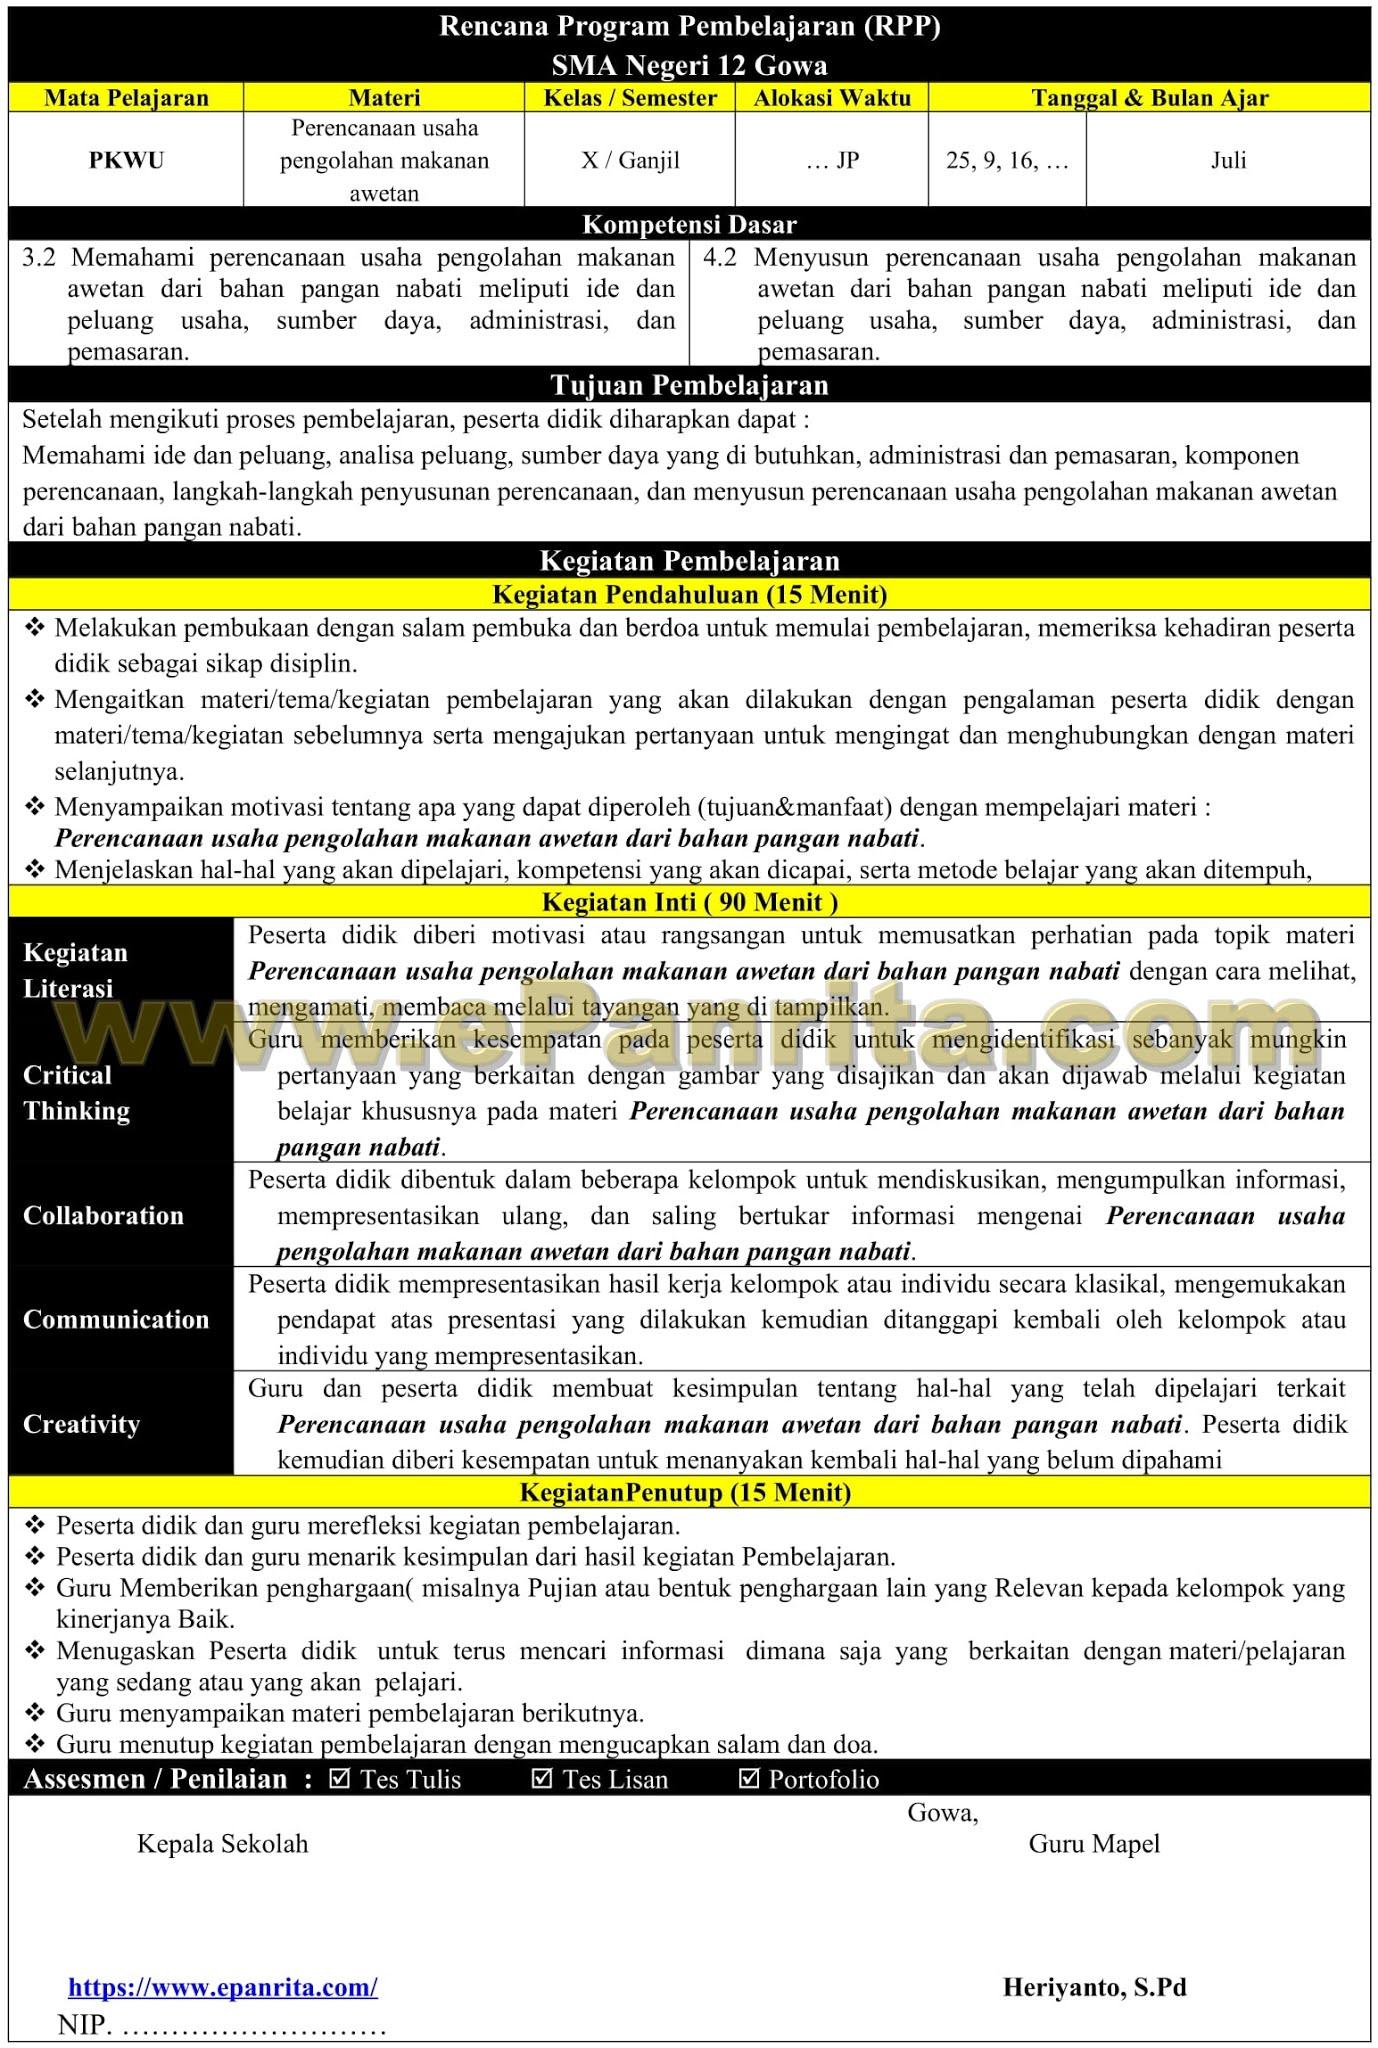 RPP 1 Halaman Prakarya Aspek Pengolahan (Perencanaan usaha pengolahan makanan awetan dari bahan pangan nabati)